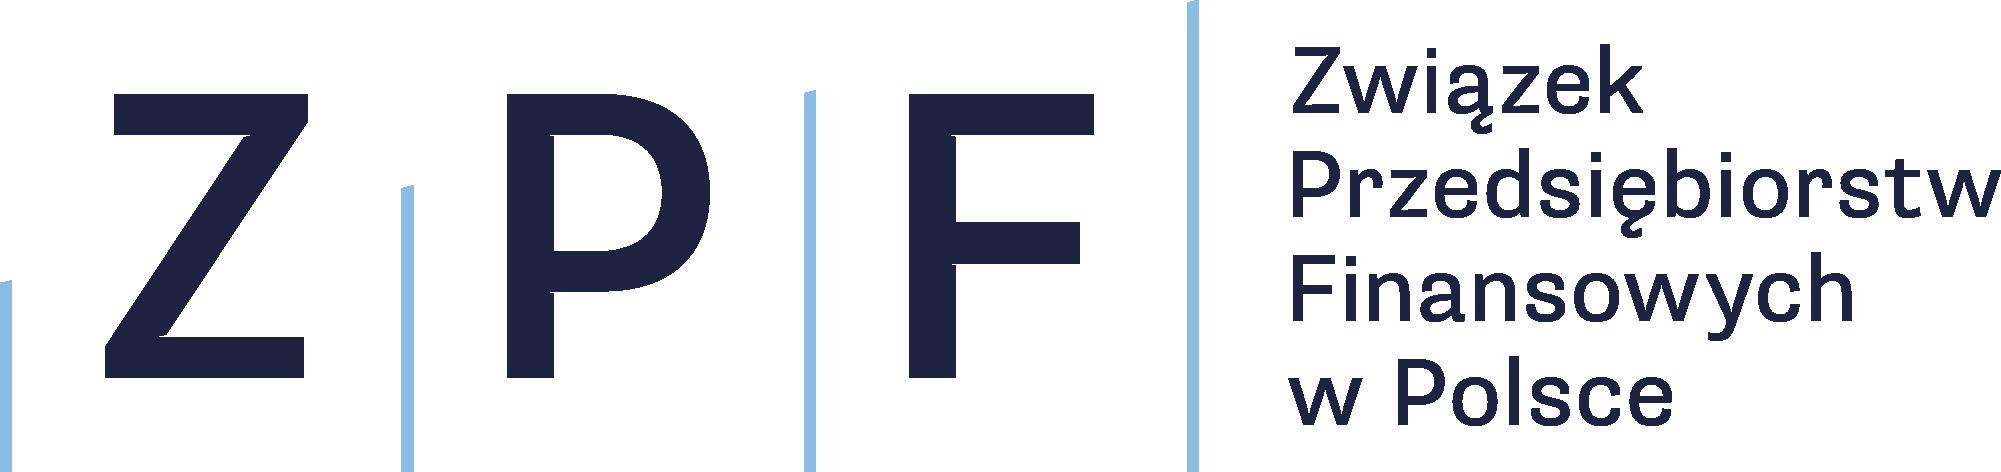 Związek Przedsiębiorstw Finansowych (ZPF)